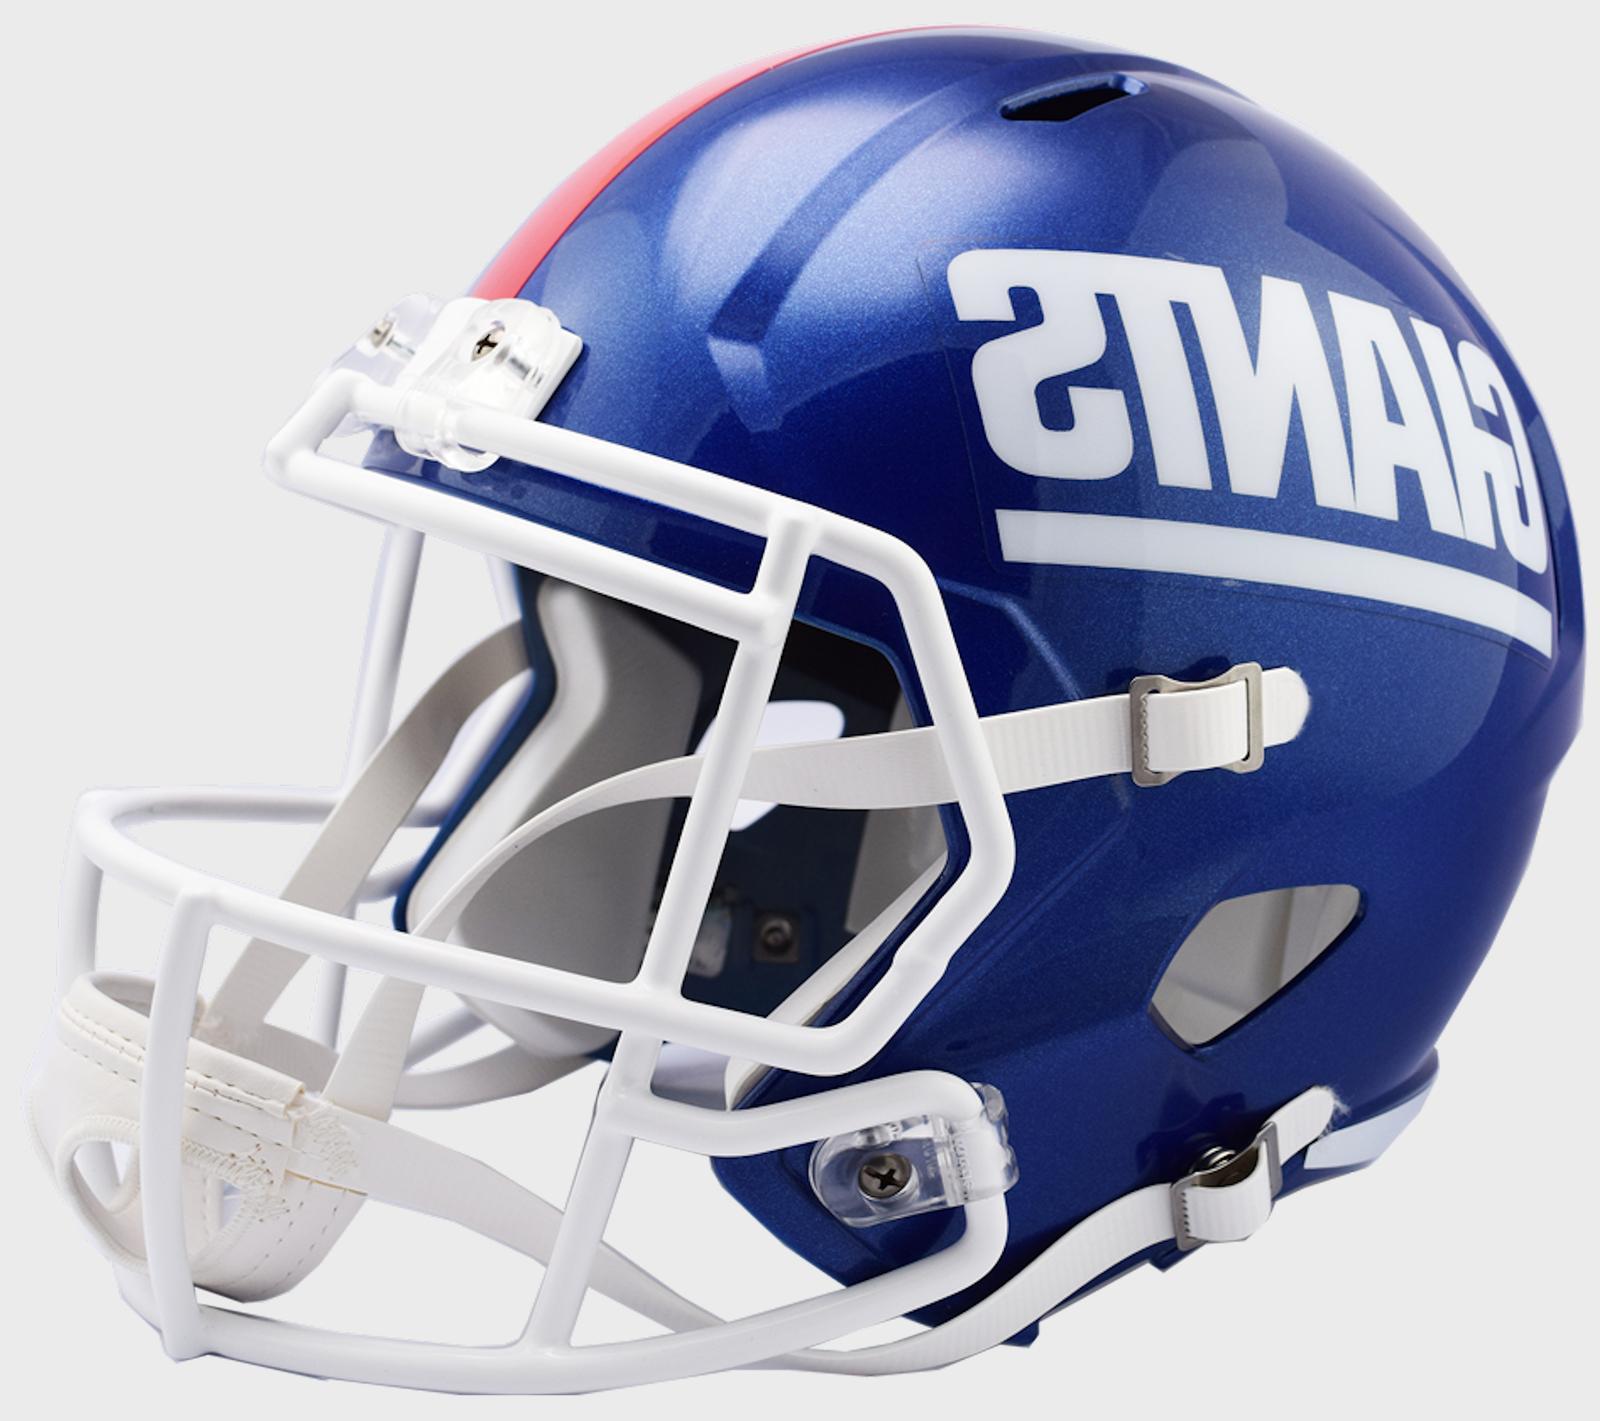 NEW YORK GIANTS NFL Riddell SPEED Full Size Replica Football